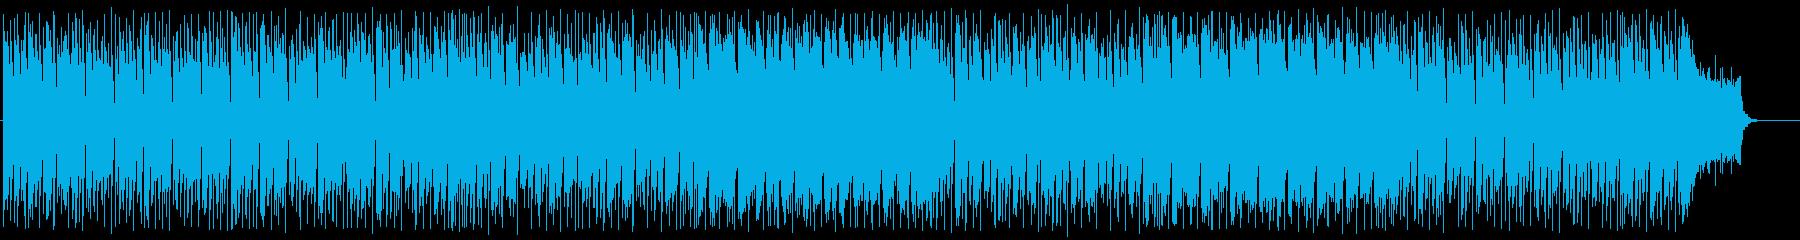 ワクワクする爽やかなBGMの再生済みの波形